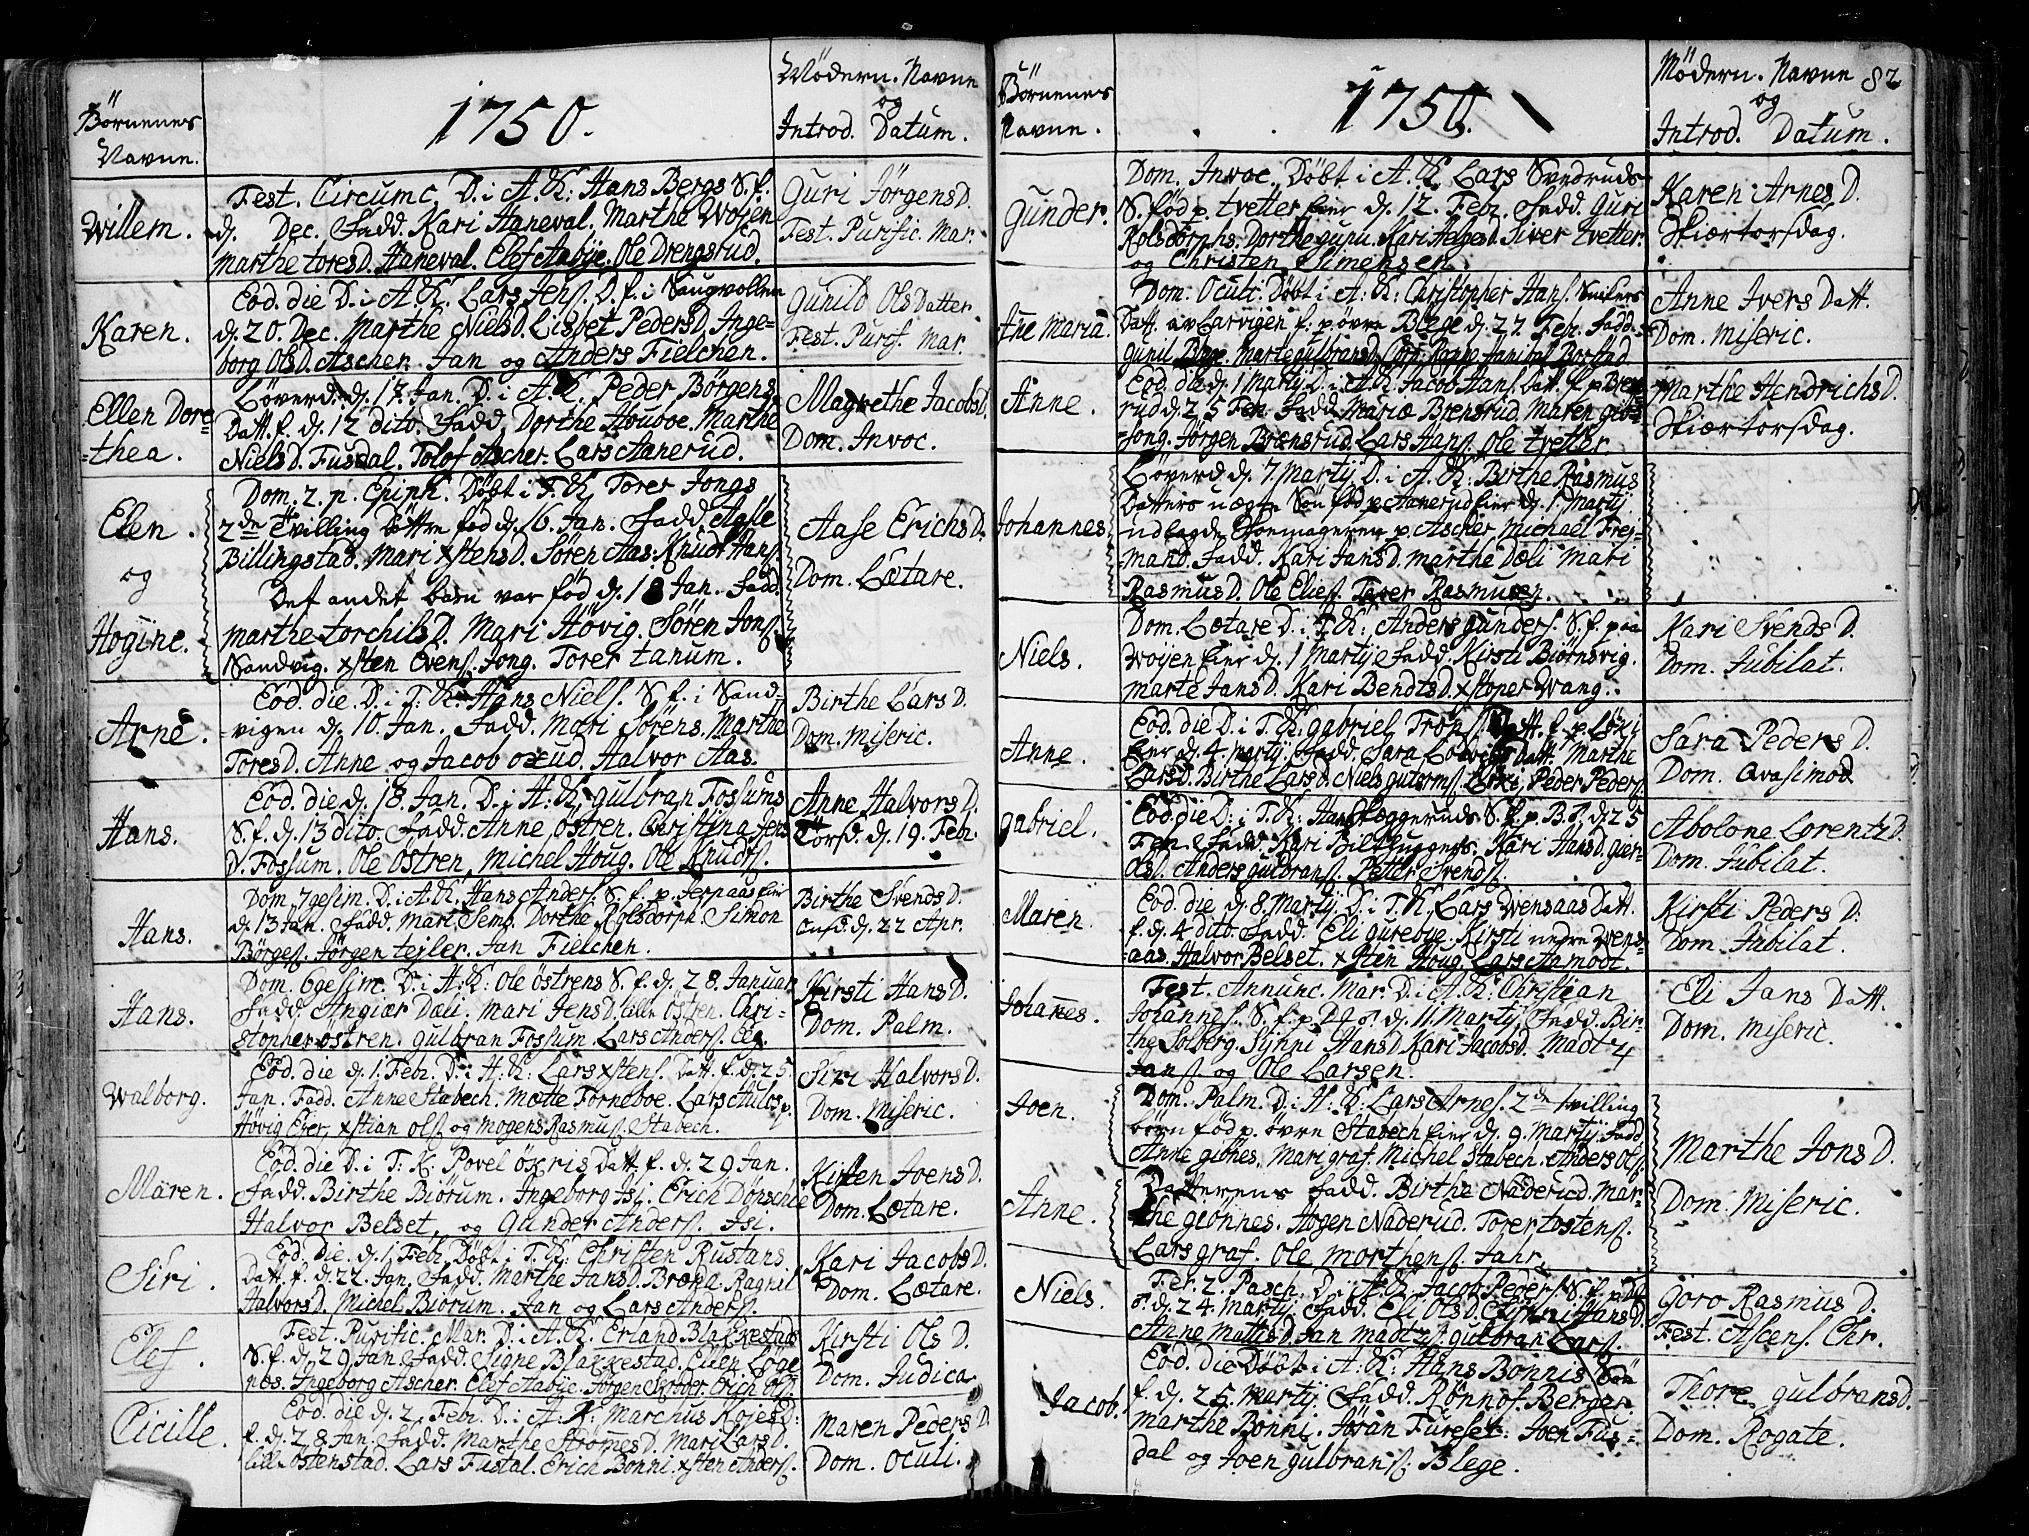 SAO, Asker prestekontor Kirkebøker, F/Fa/L0002: Ministerialbok nr. I 2, 1733-1766, s. 82